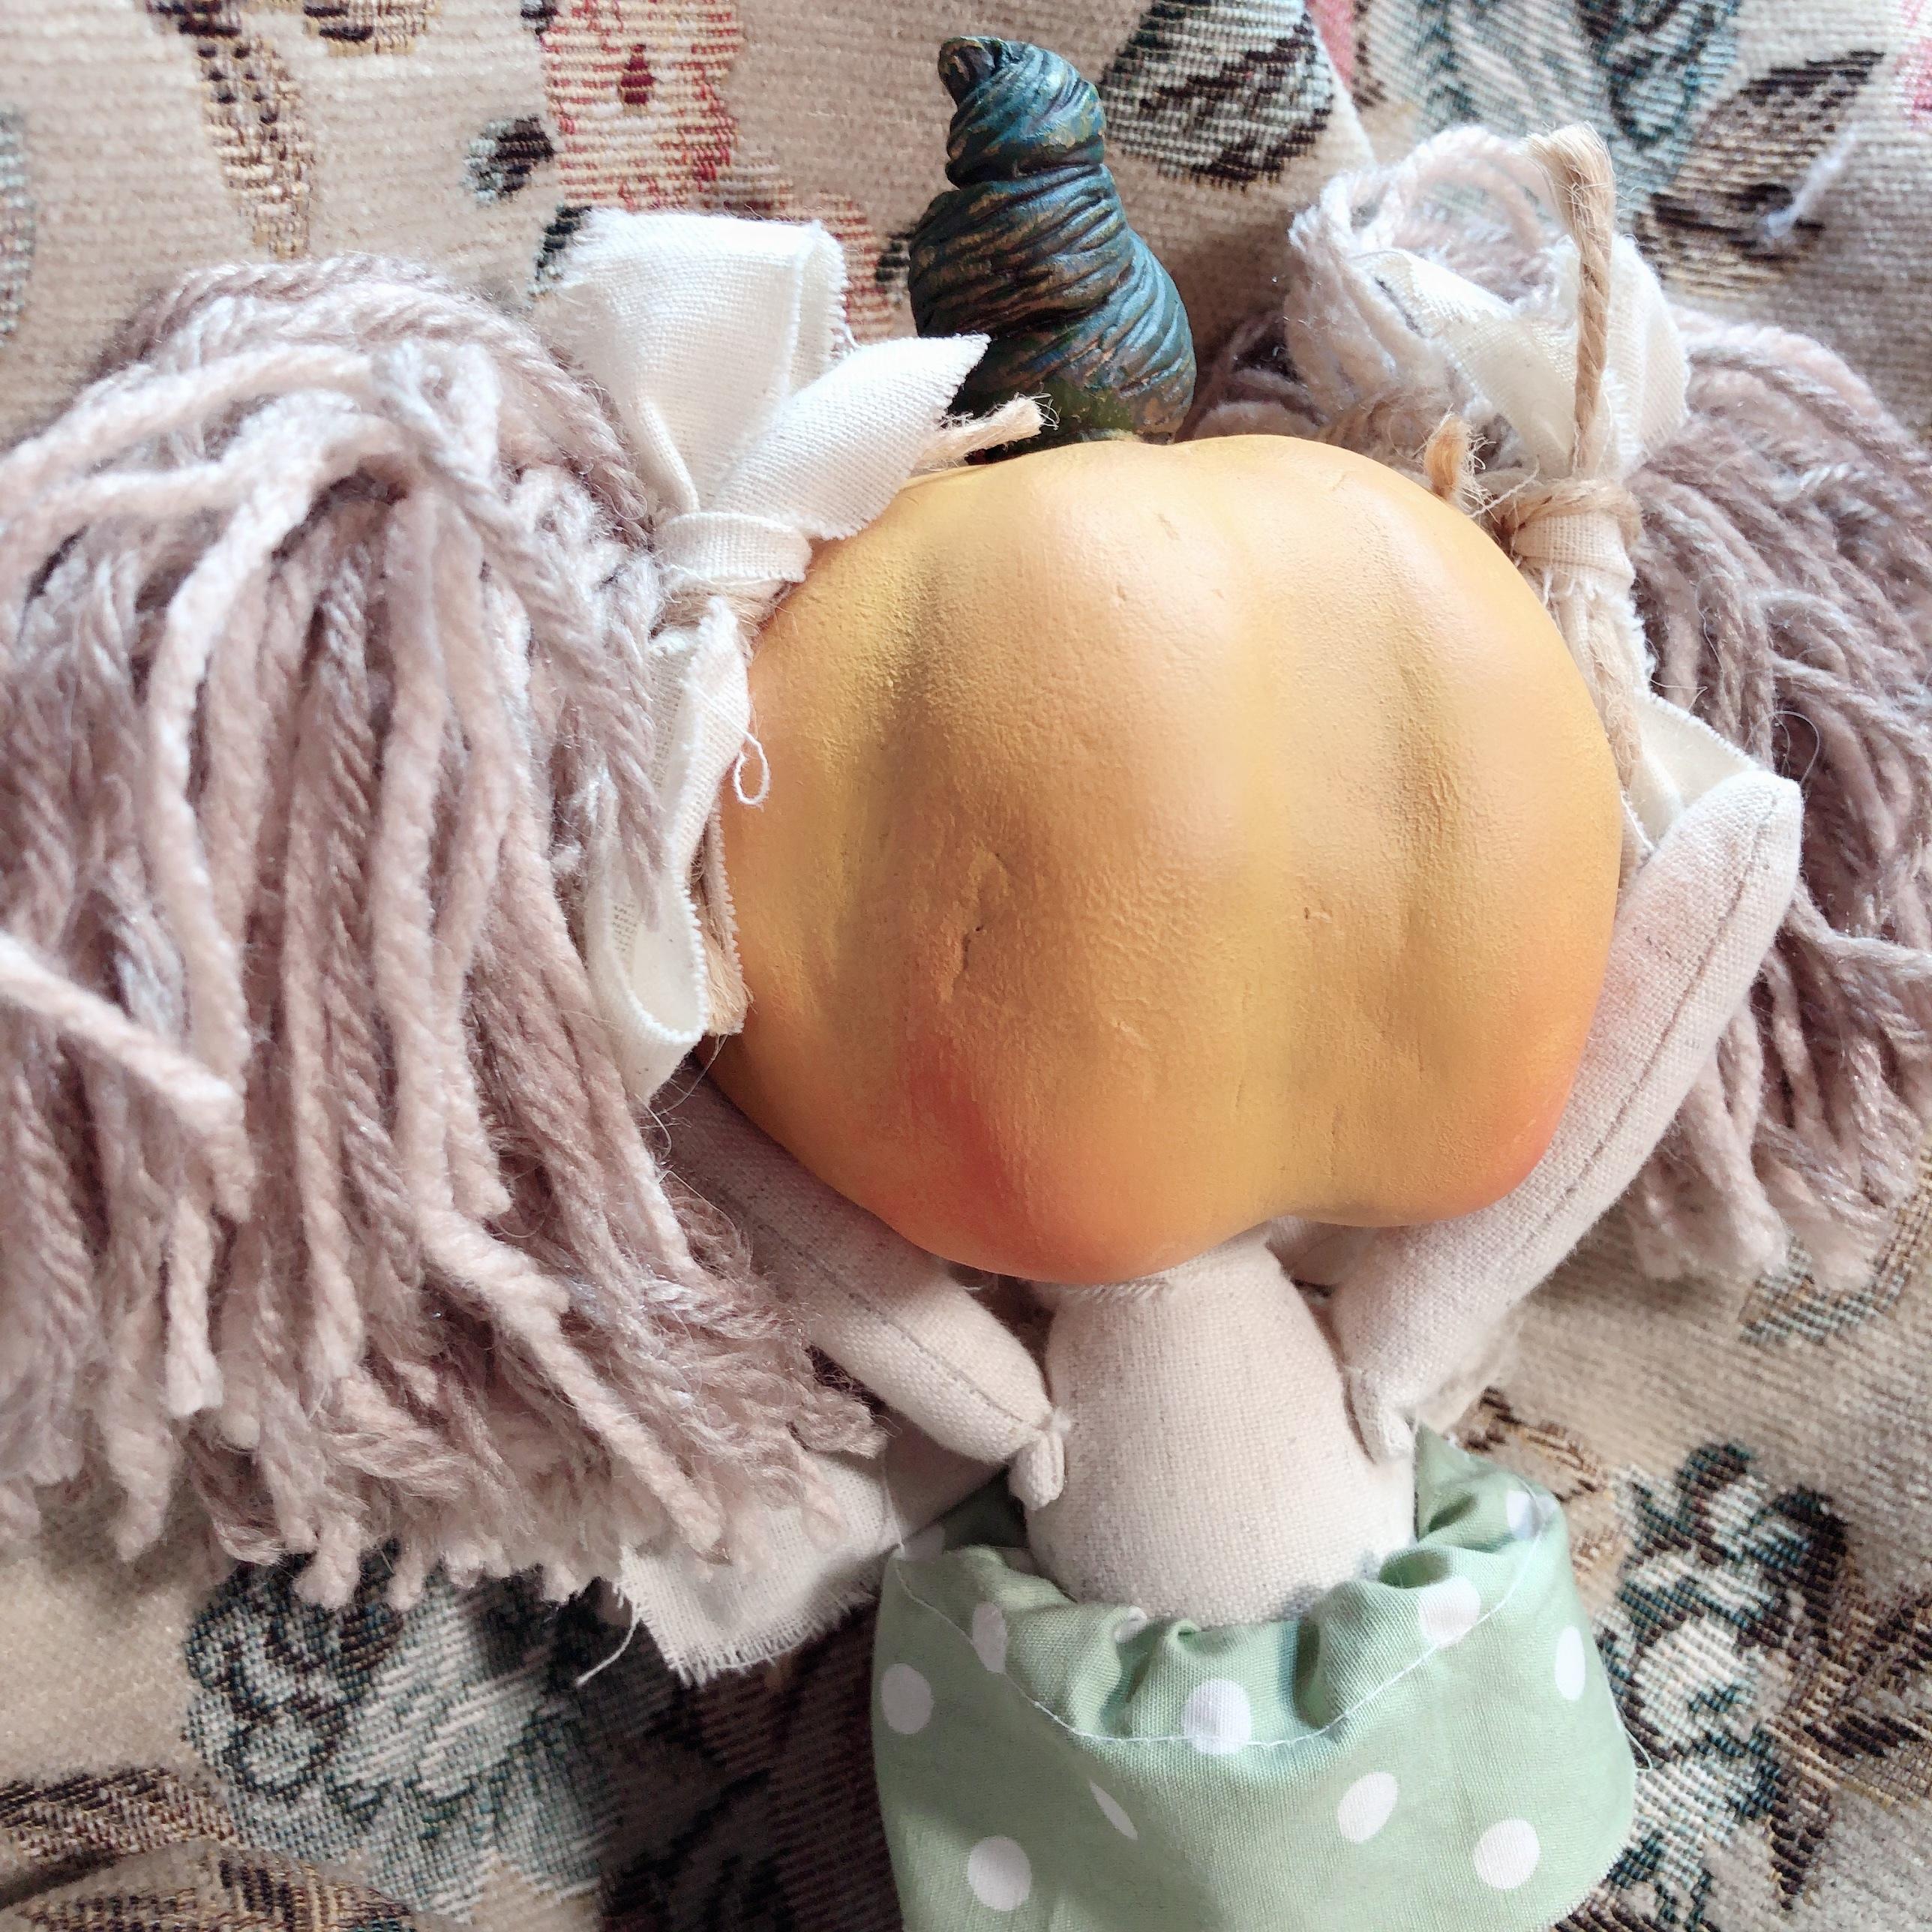 かぼちゃあたまの子(お顔のない子)